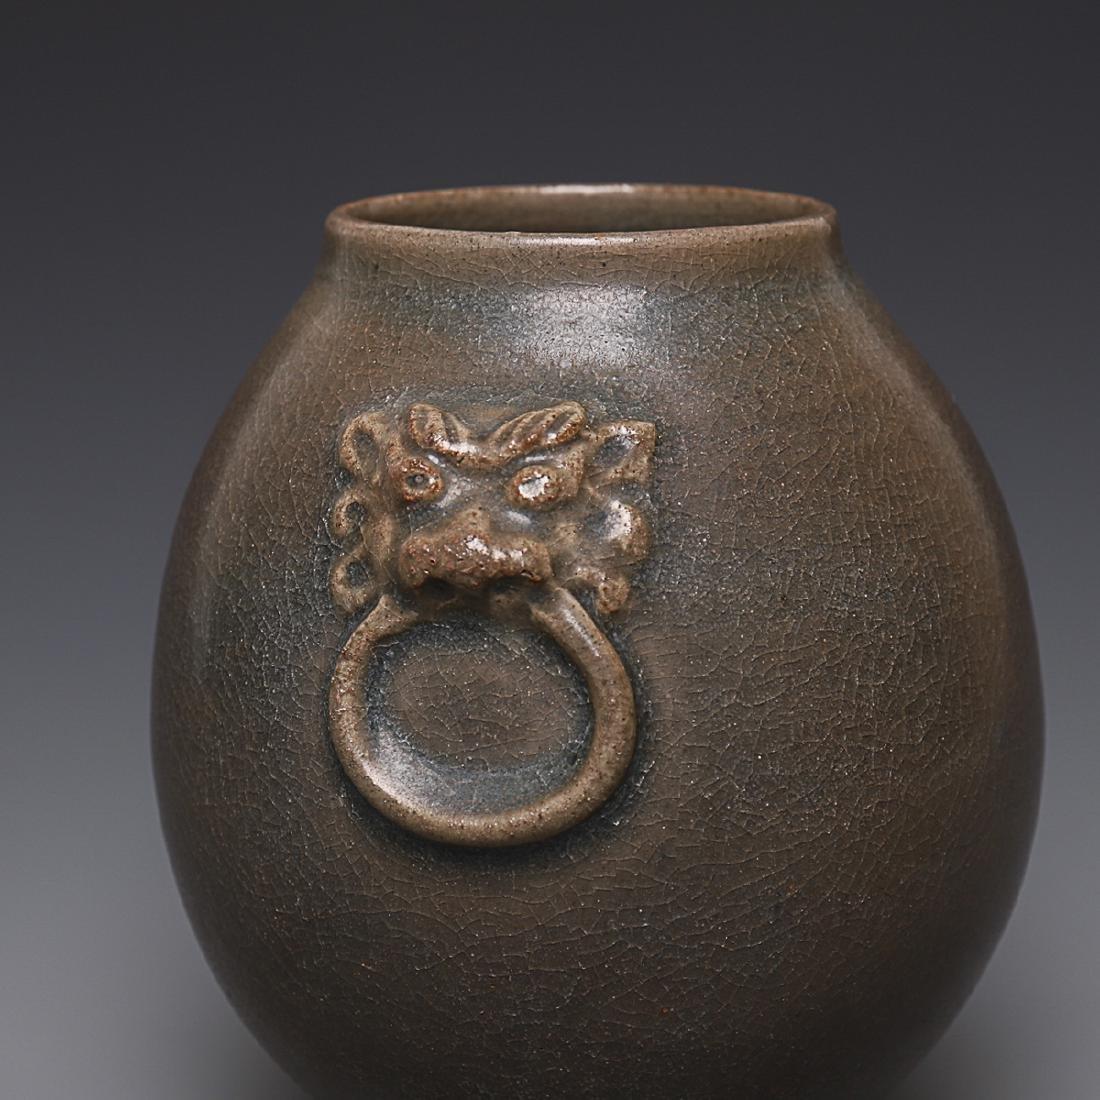 Vintage Chinese Porcelain Jar - 3